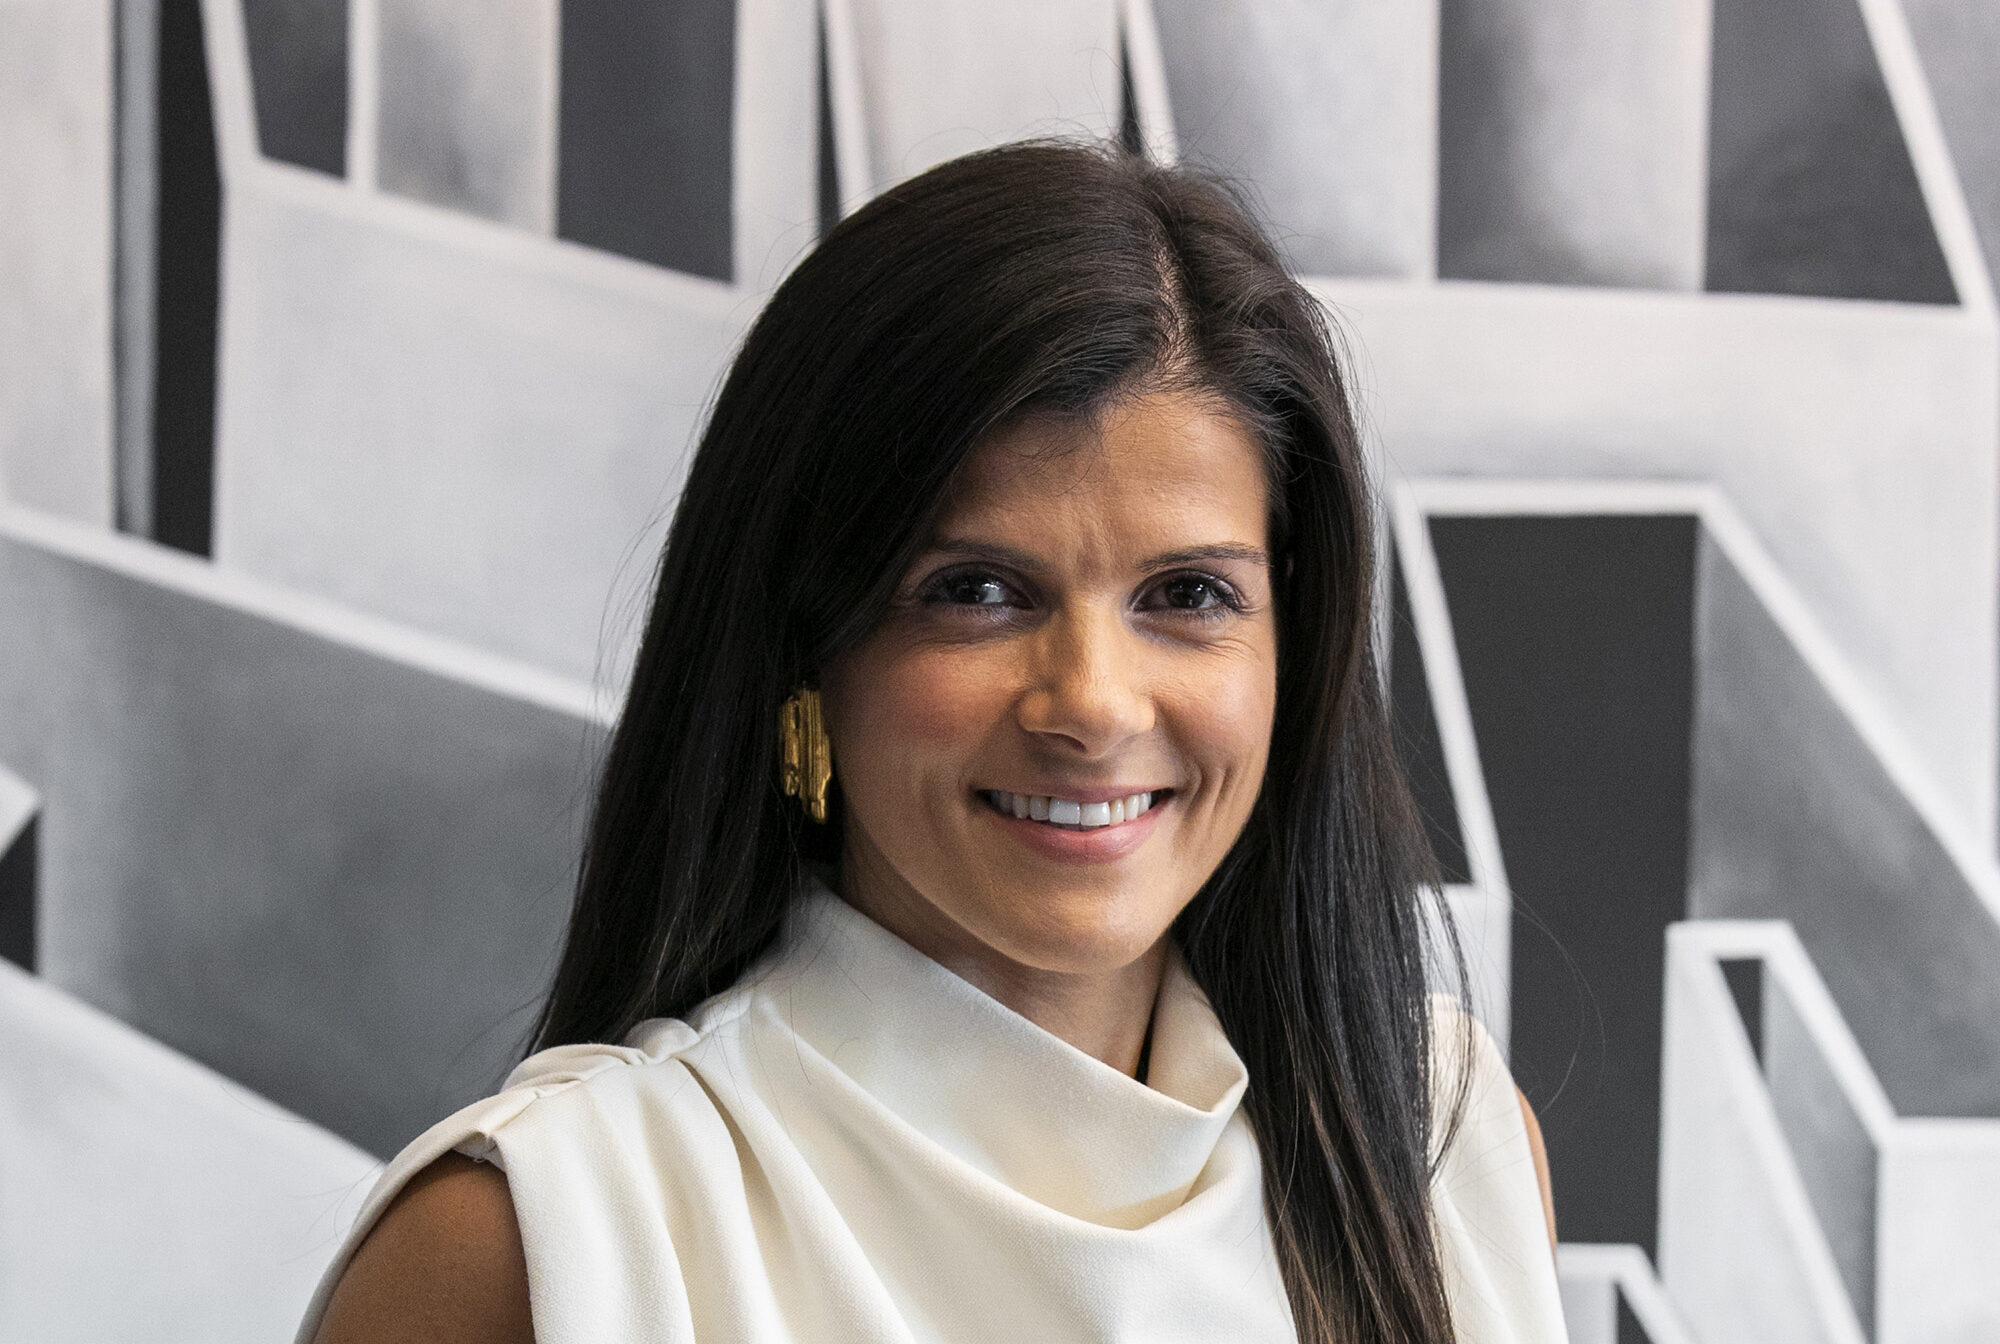 Joana Cunha D'Almeida, sócia da Antas da Cunha ECIJA, em entrevista ao ECO/Advocatus - 25NOV20